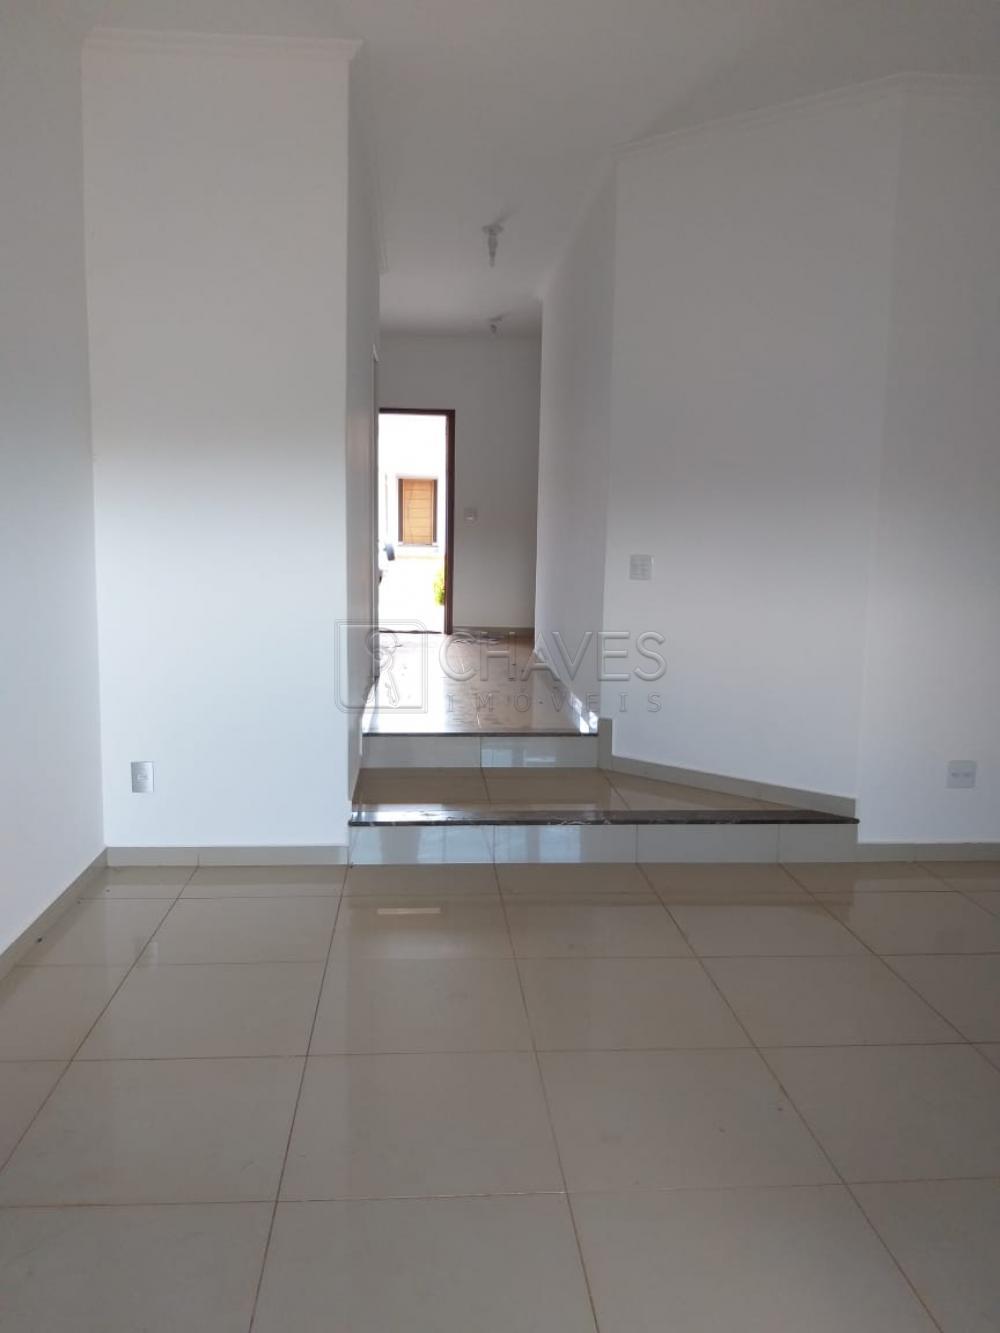 Comprar Casa / Condomínio em Bonfim Paulista apenas R$ 632.000,00 - Foto 11